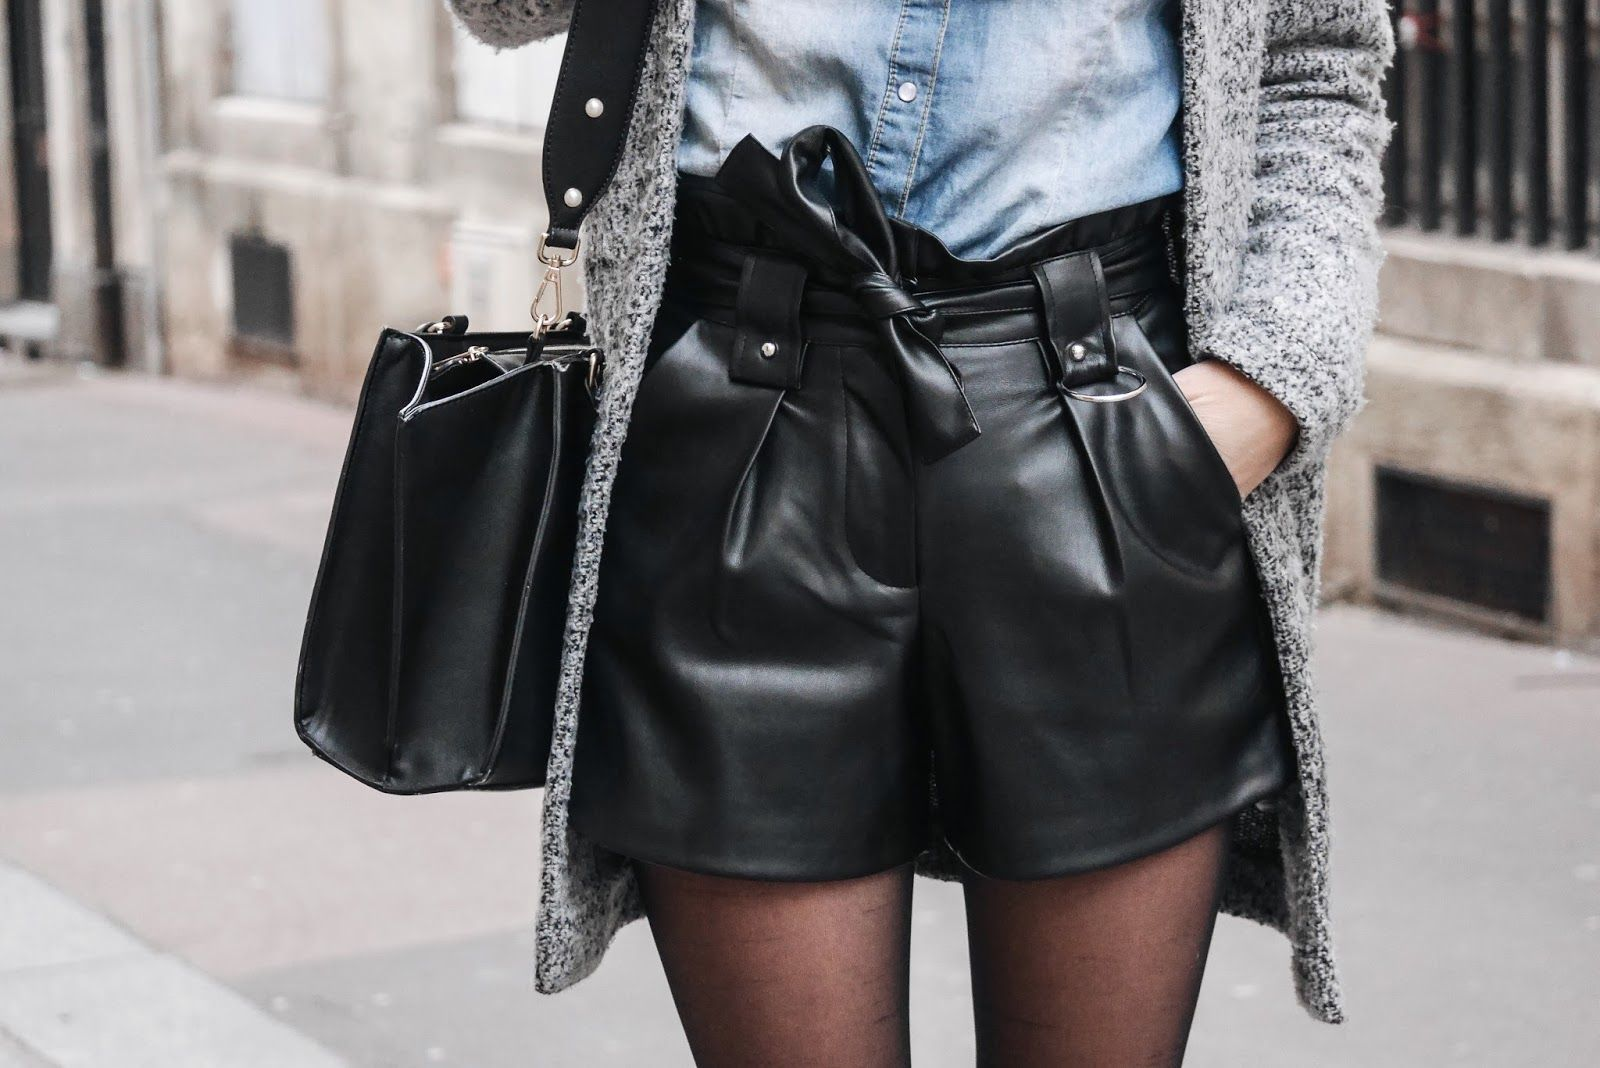 Épinglé sur Style Inspiration 2019